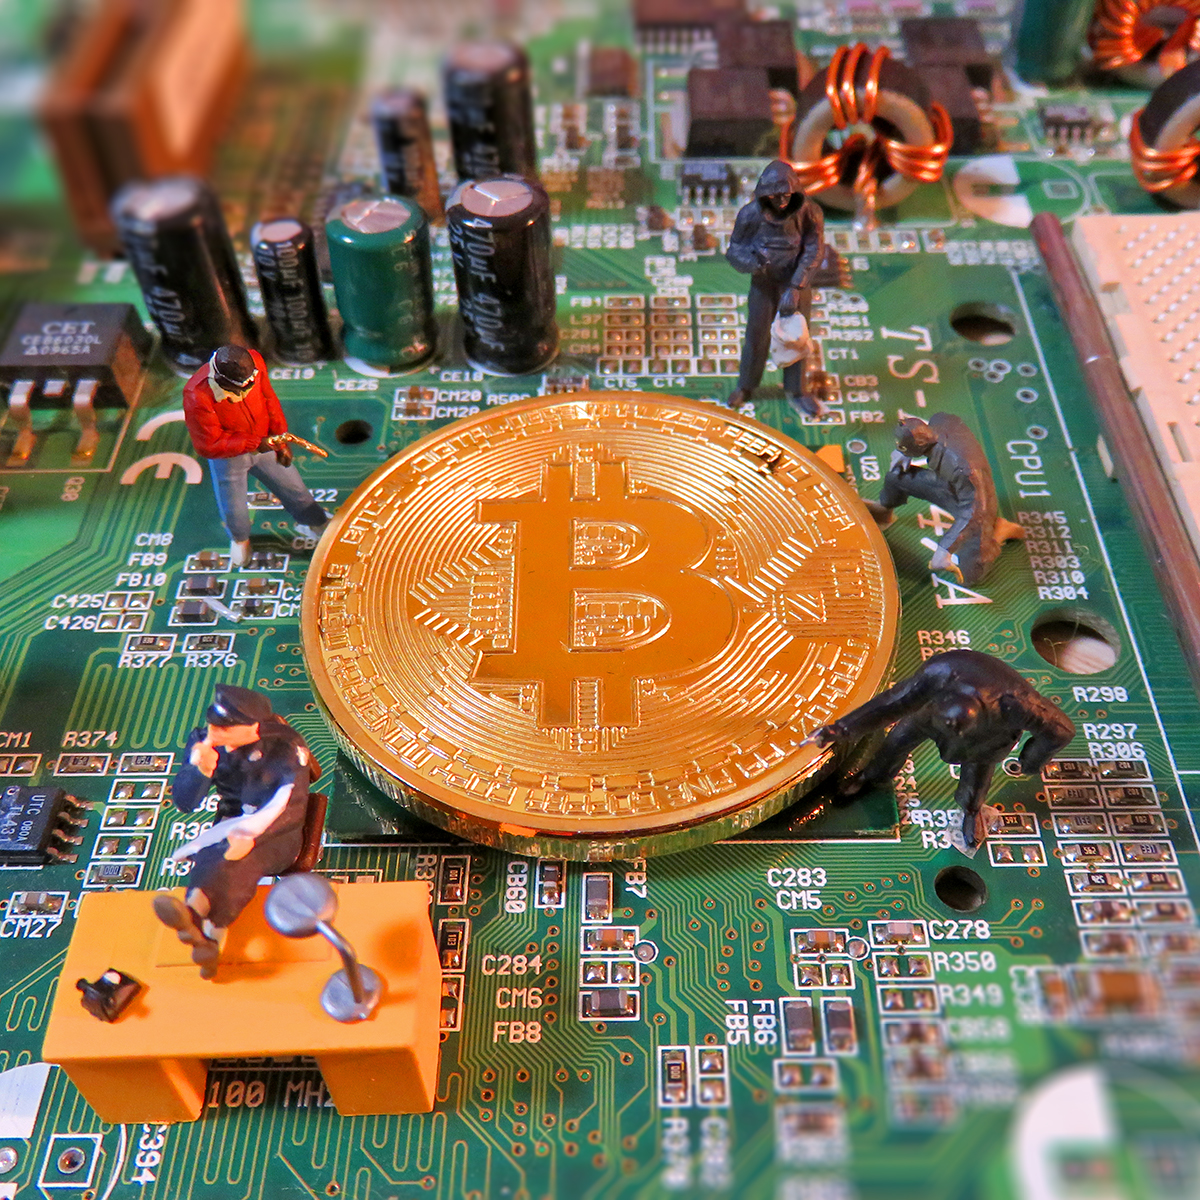 監視の目を盗み仮想通貨ビットコインを狙うハッカー